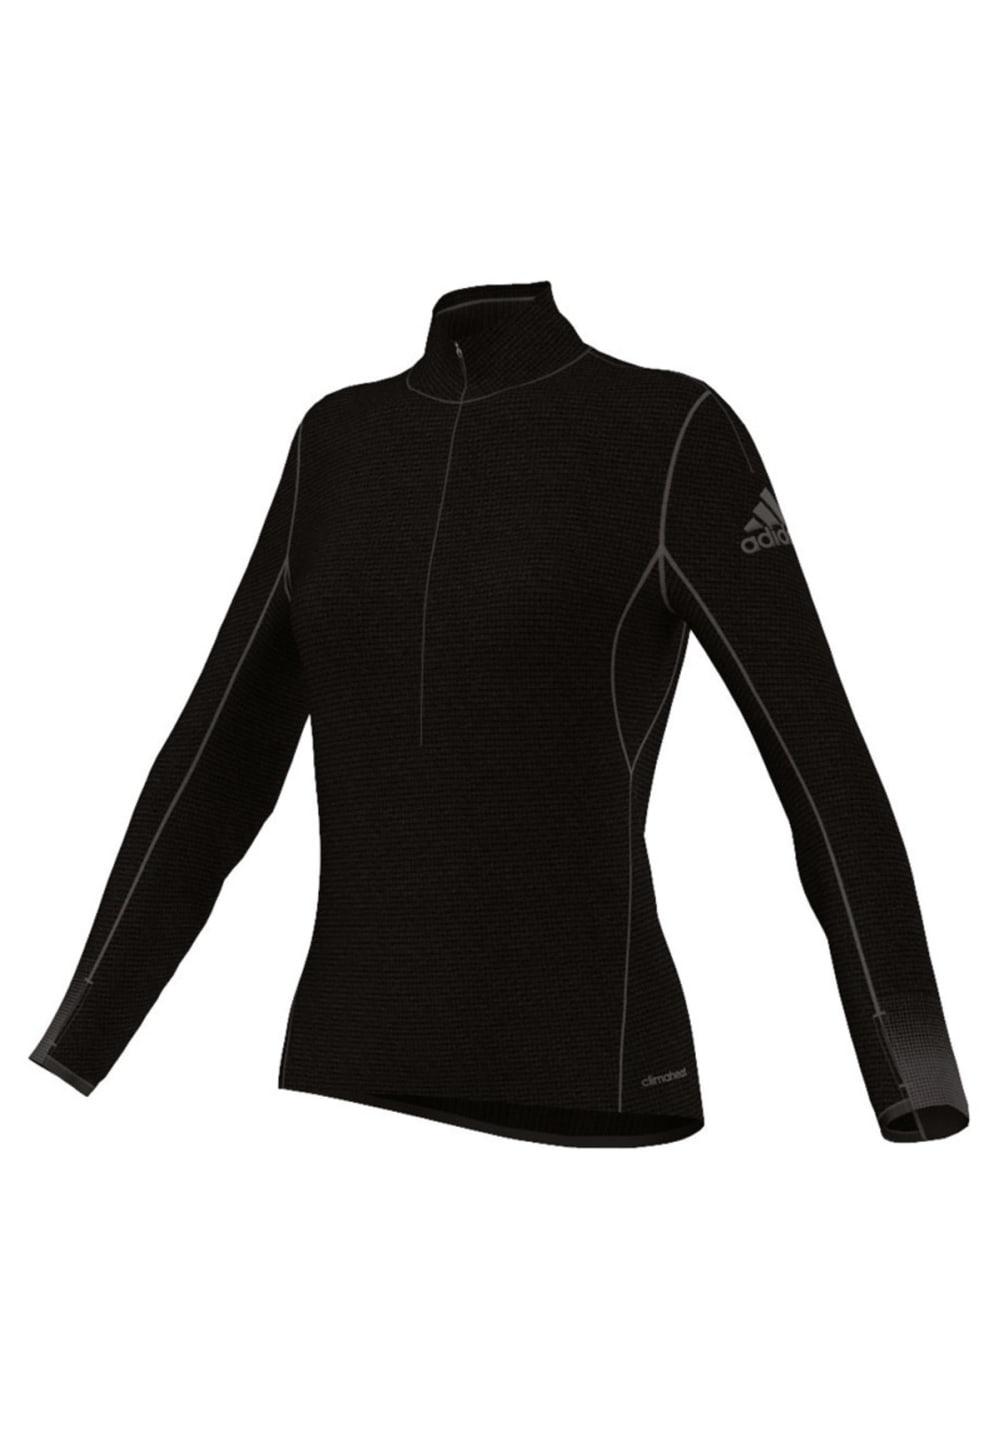 adidas Climaheat 1/2 Zip - Sweatshirts & Hoodies für Damen - Schwarz, Gr. S